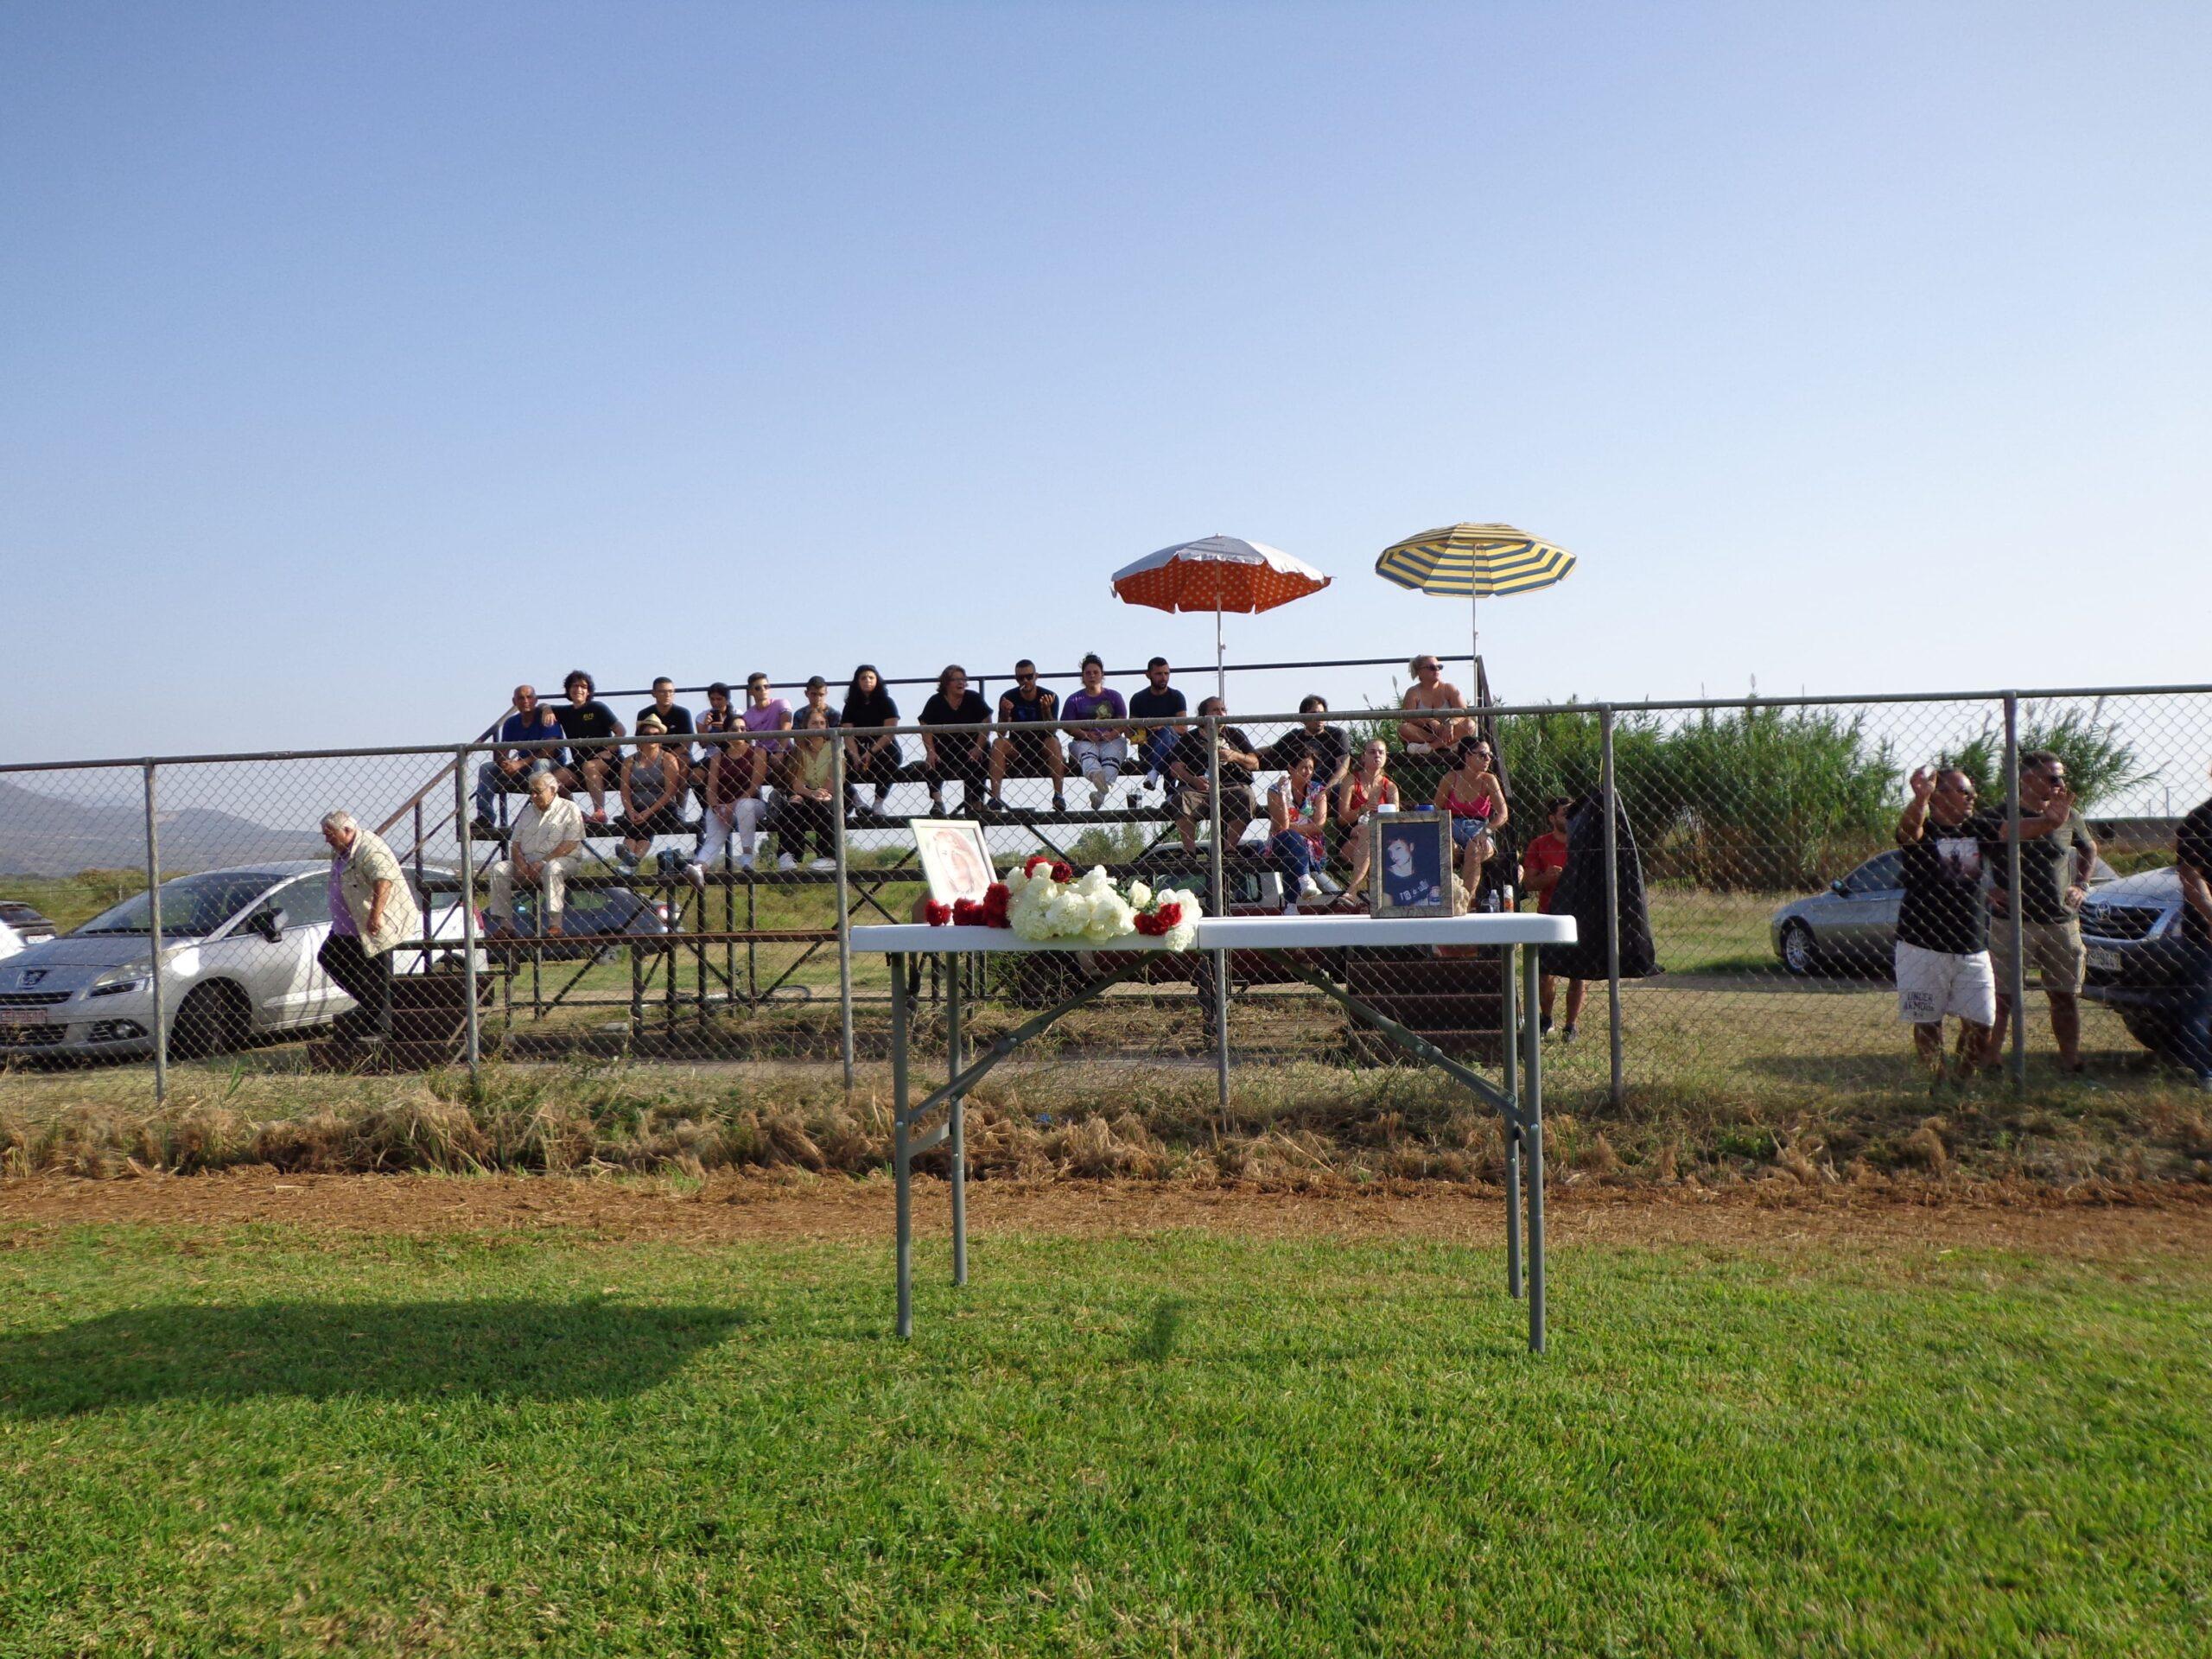 , Αστέρας Βαλύρας: Φιλικό μνήμης με την γυναικεία ομάδα του Εθνικού Καλαμάτας (φωτο)